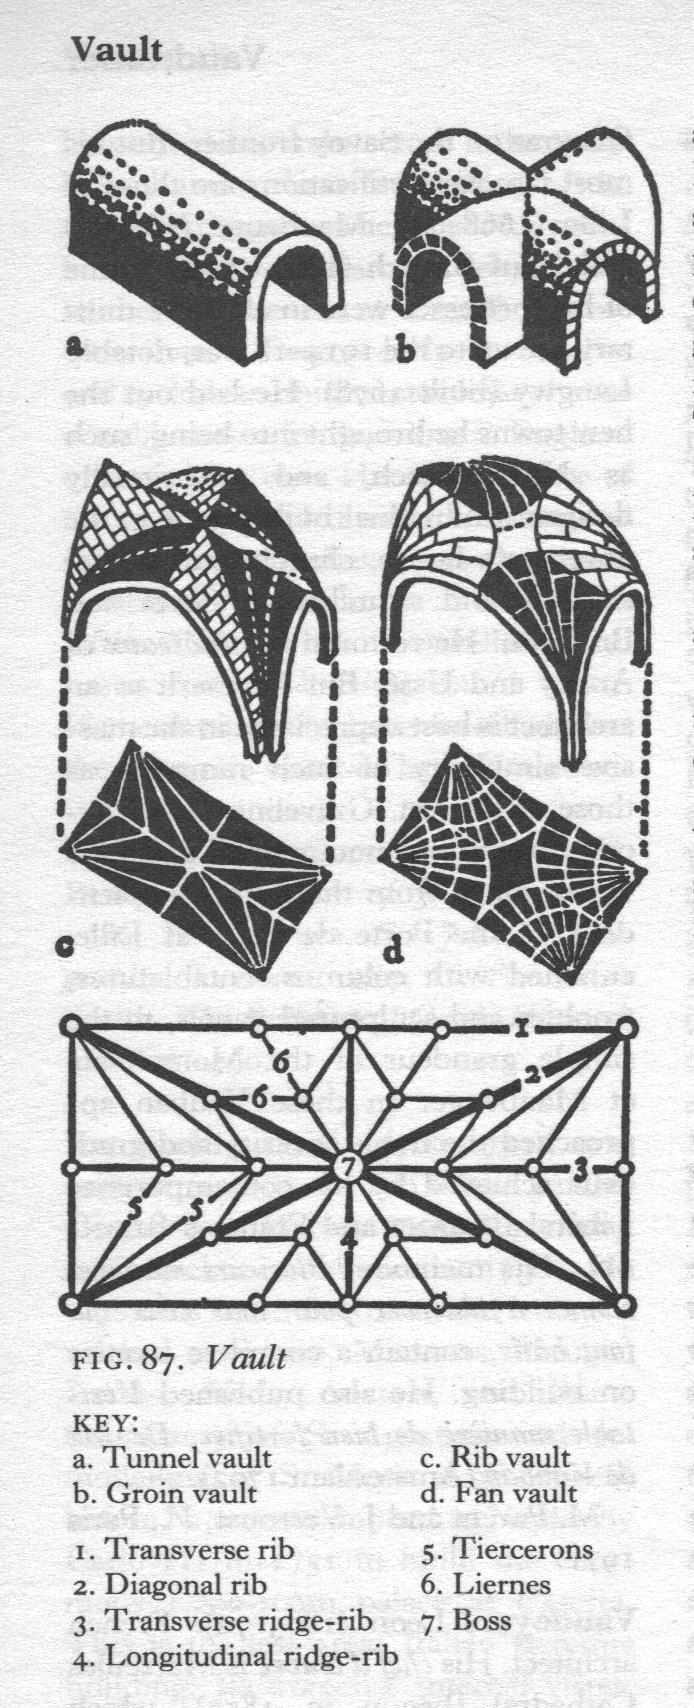 Vaults diagram